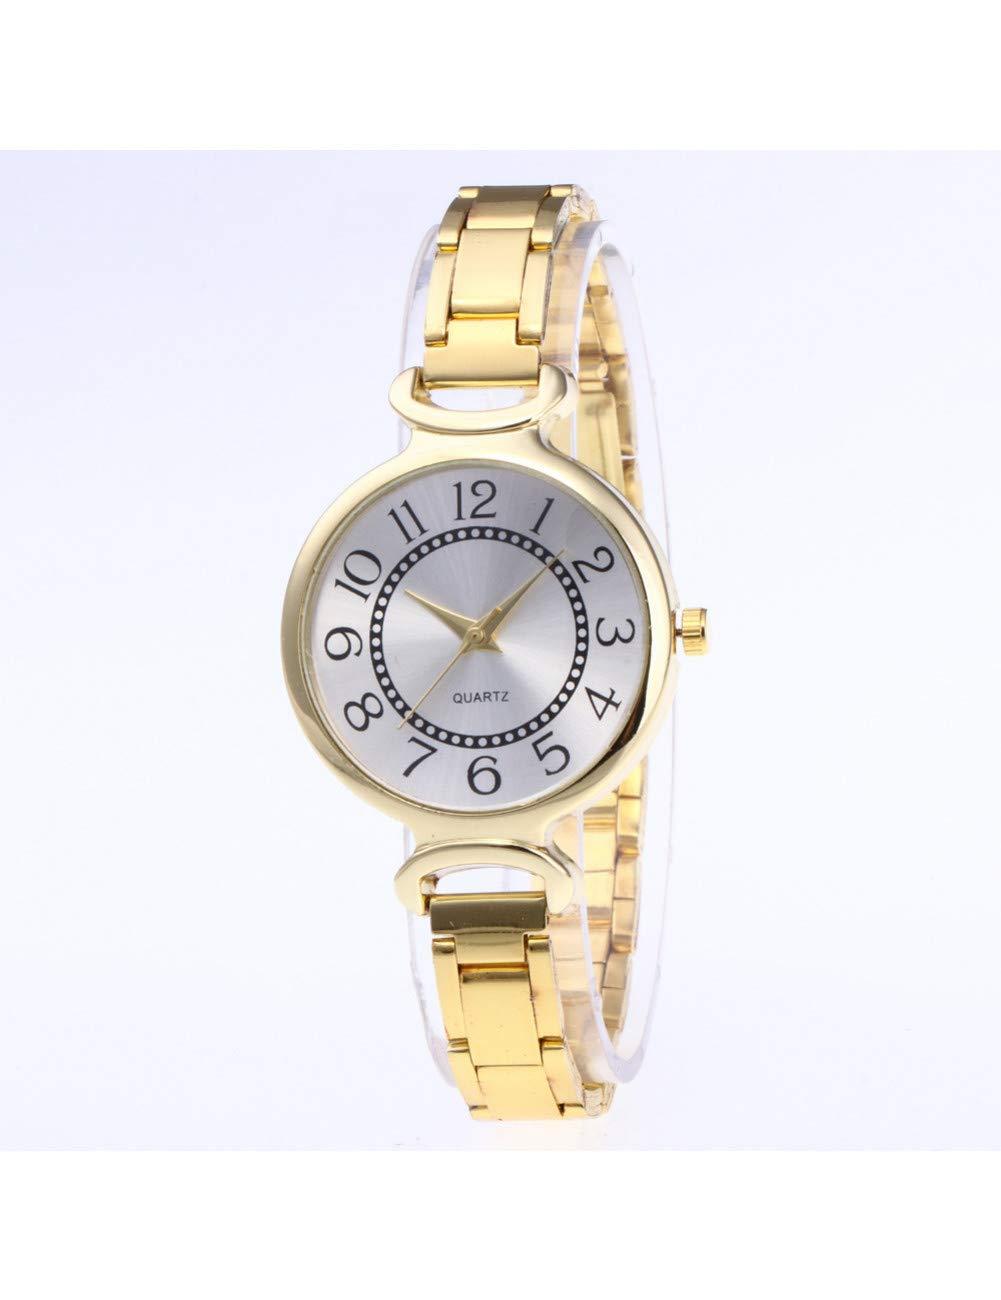 NJKHN Reloj De Las Señoras Relojes De Mujer Reloj Mujer Mujer Moda ...